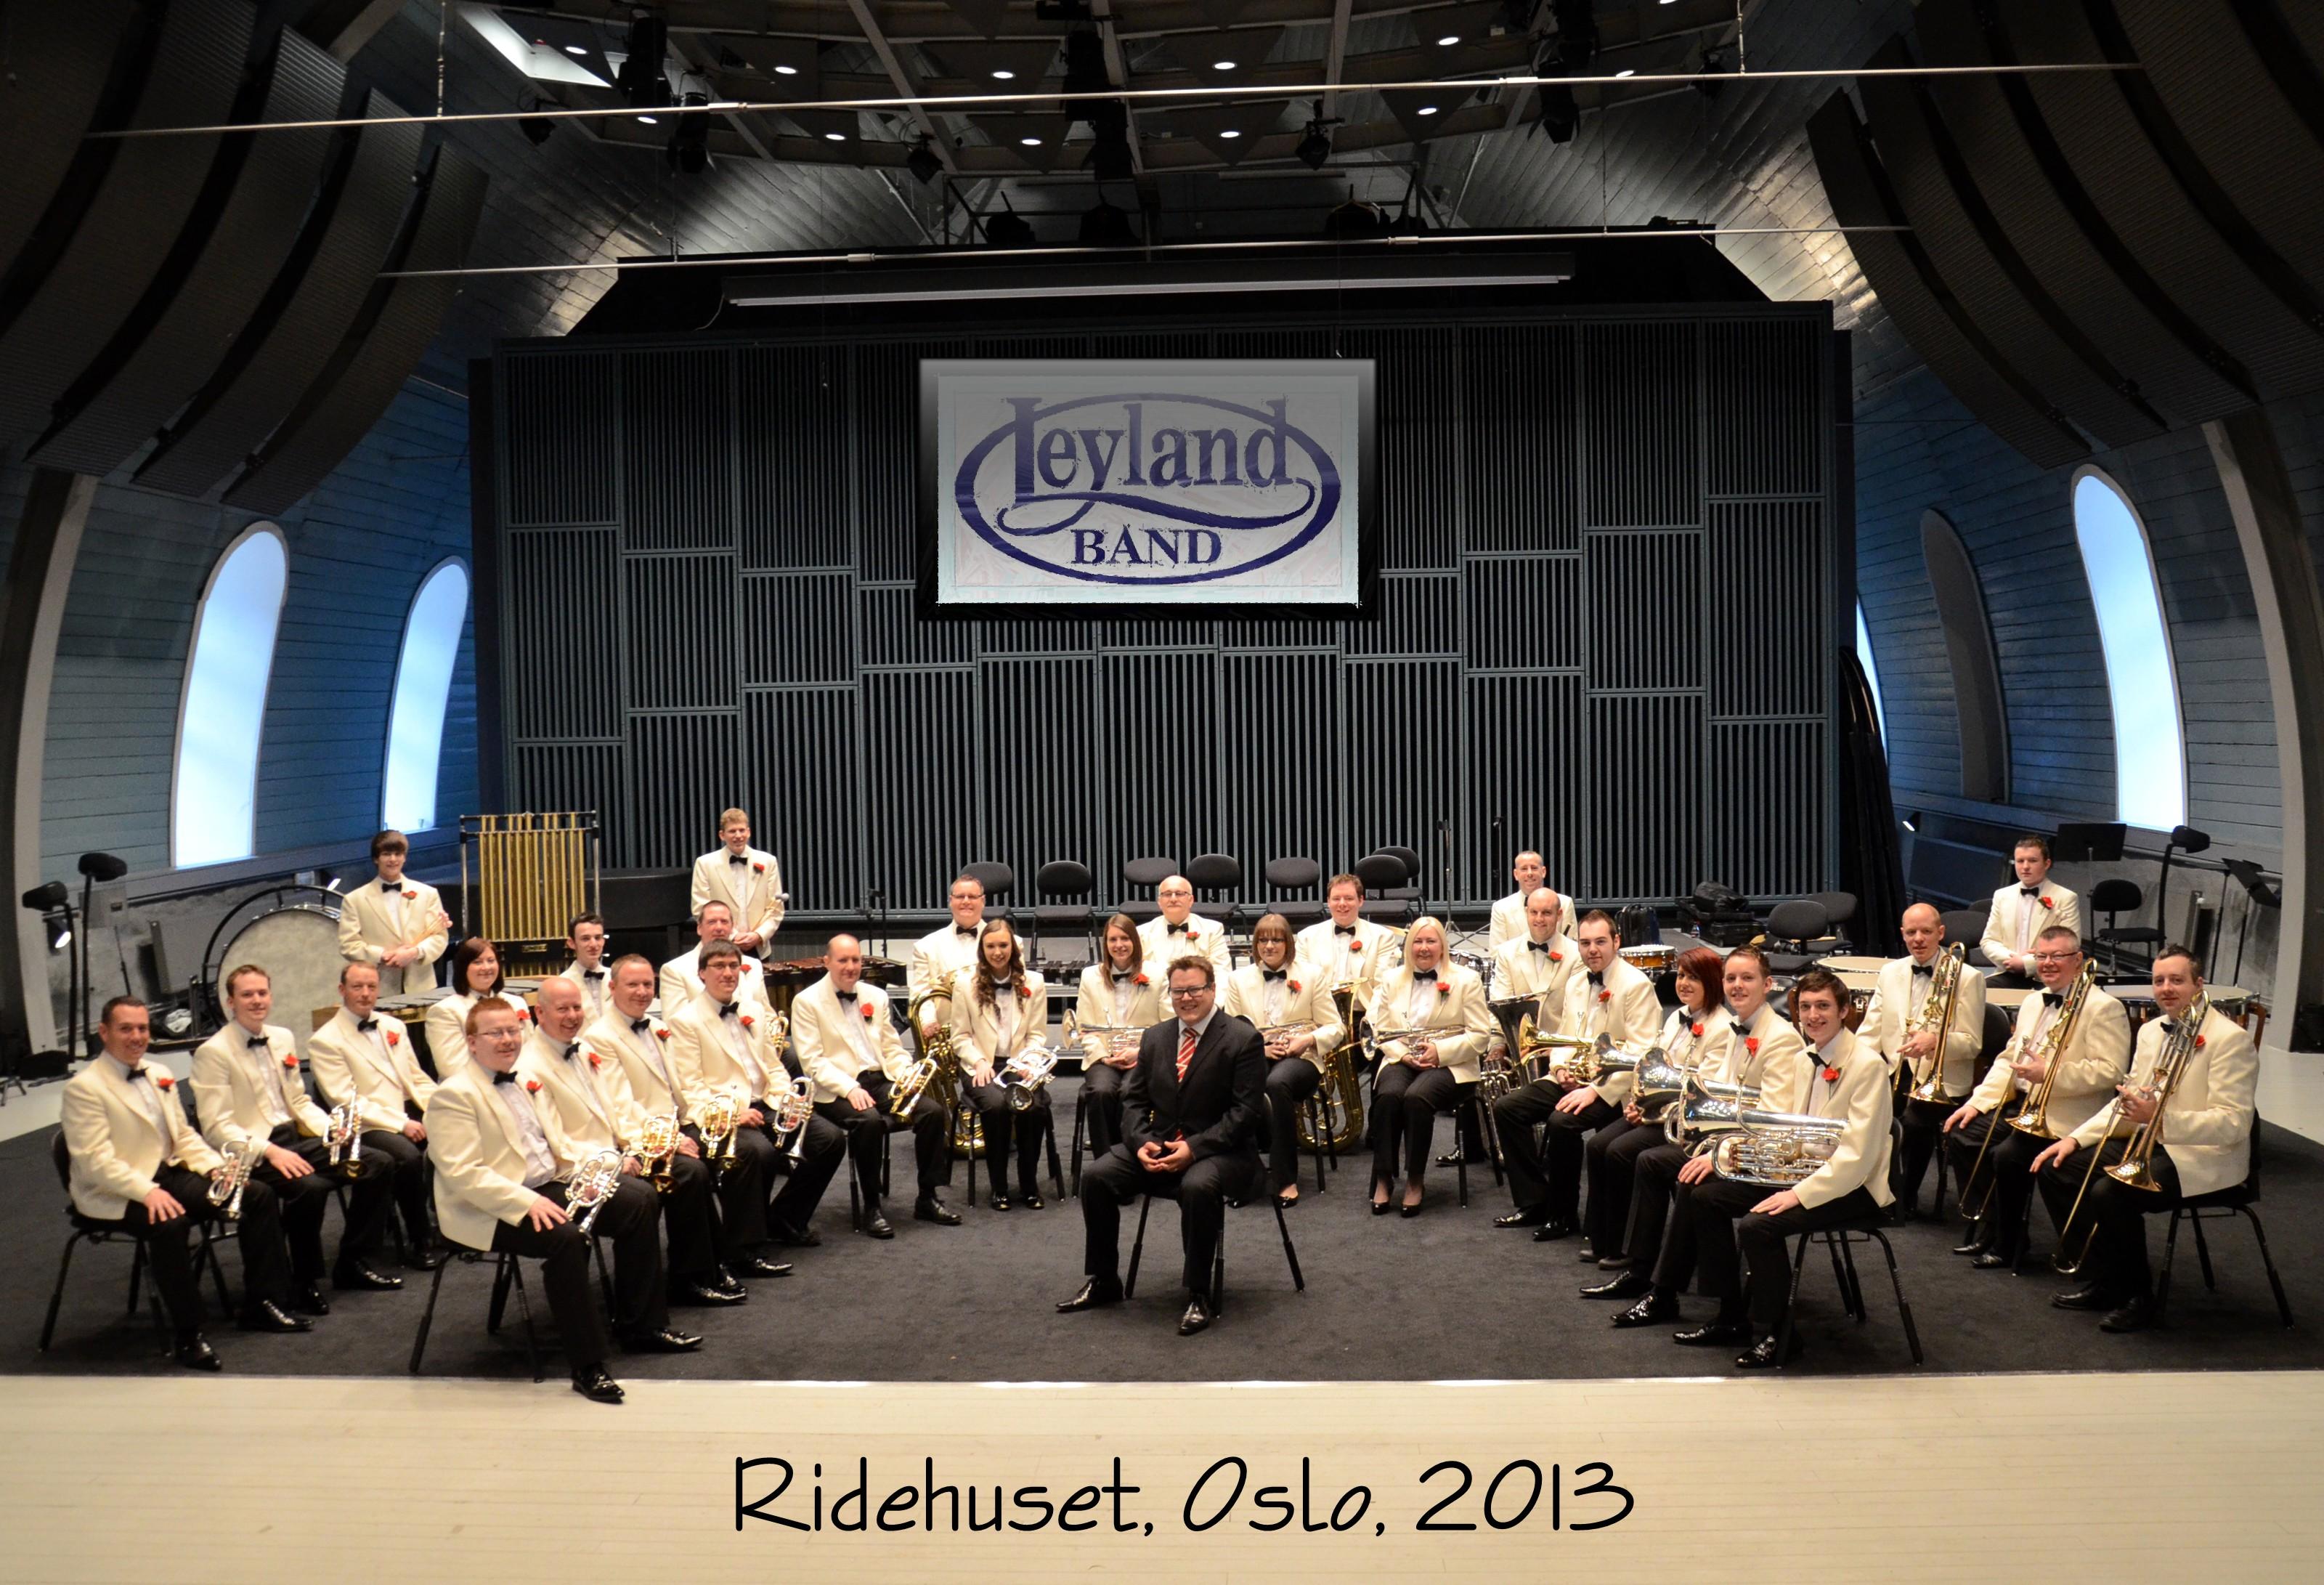 leyland band Ridehuset(1)